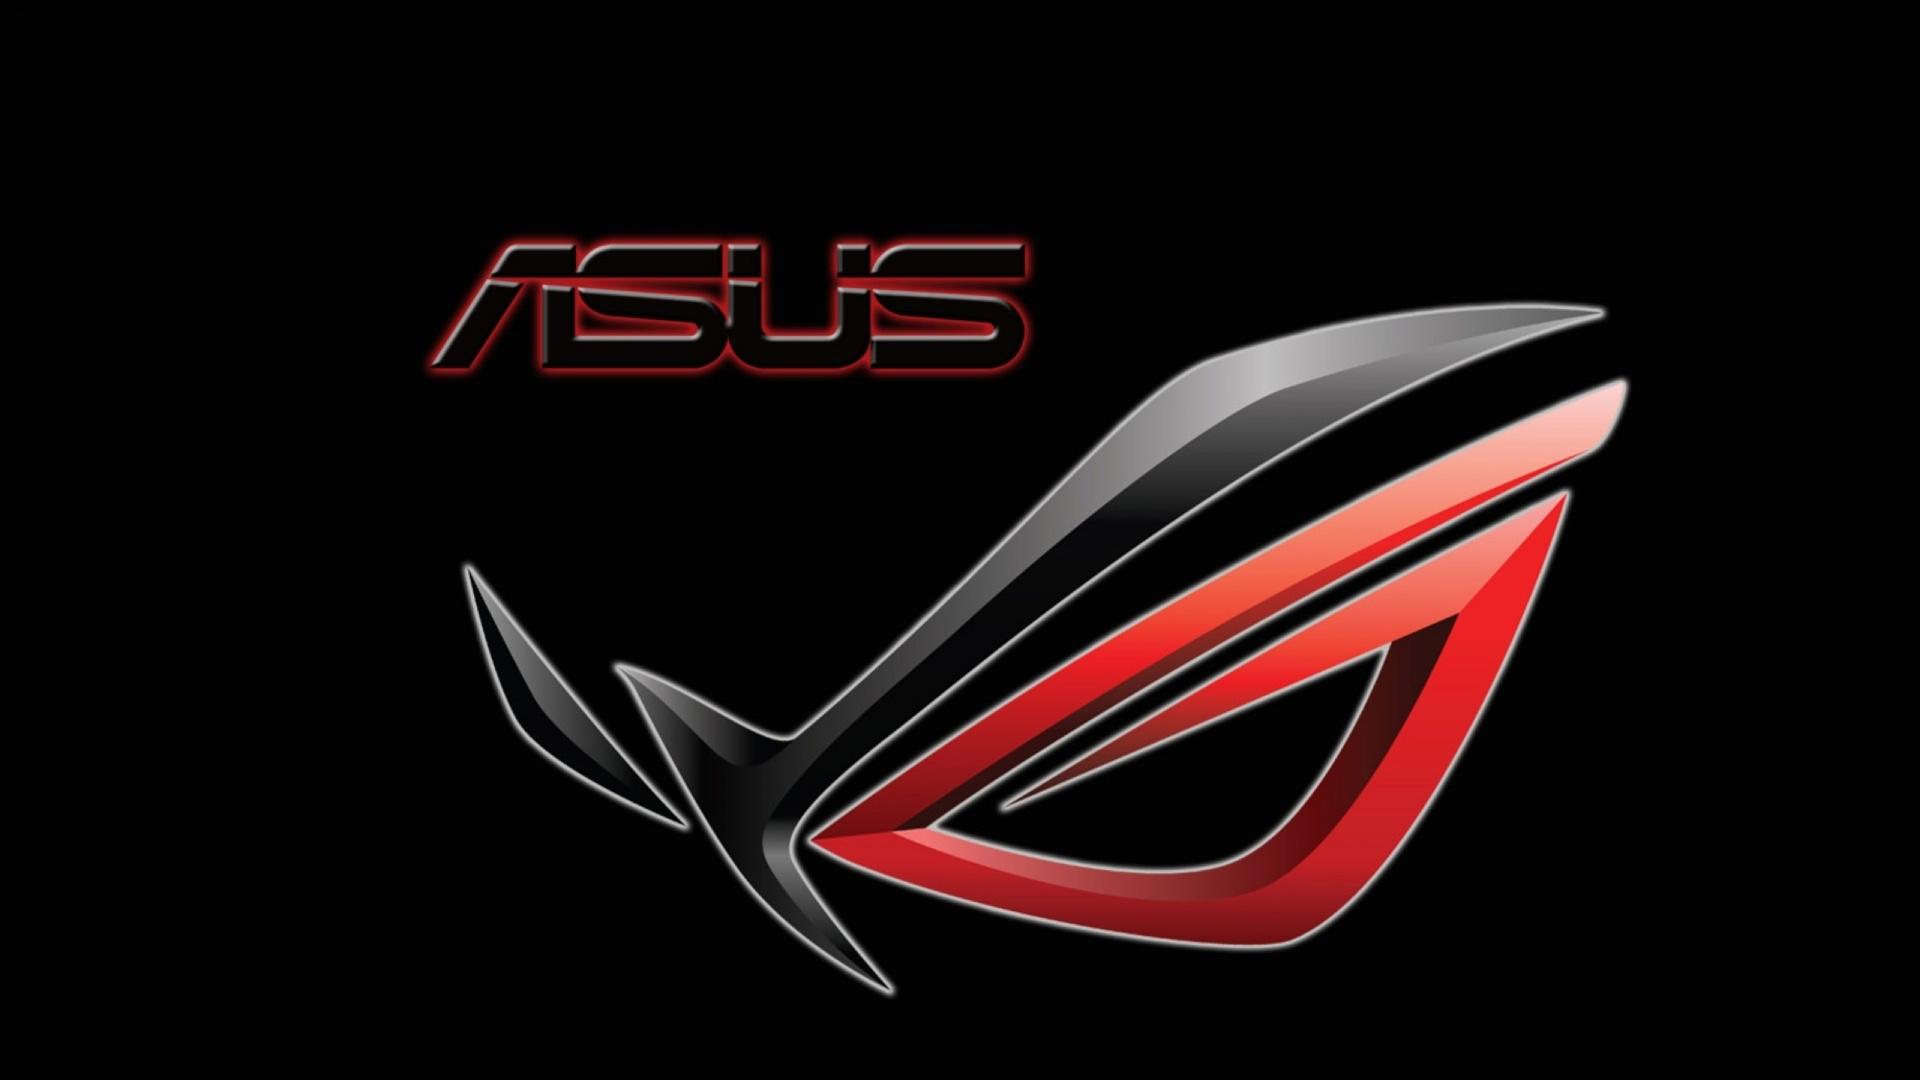 Wallpaper : illustration, car, shadow, vehicle, logo, company, ASUS